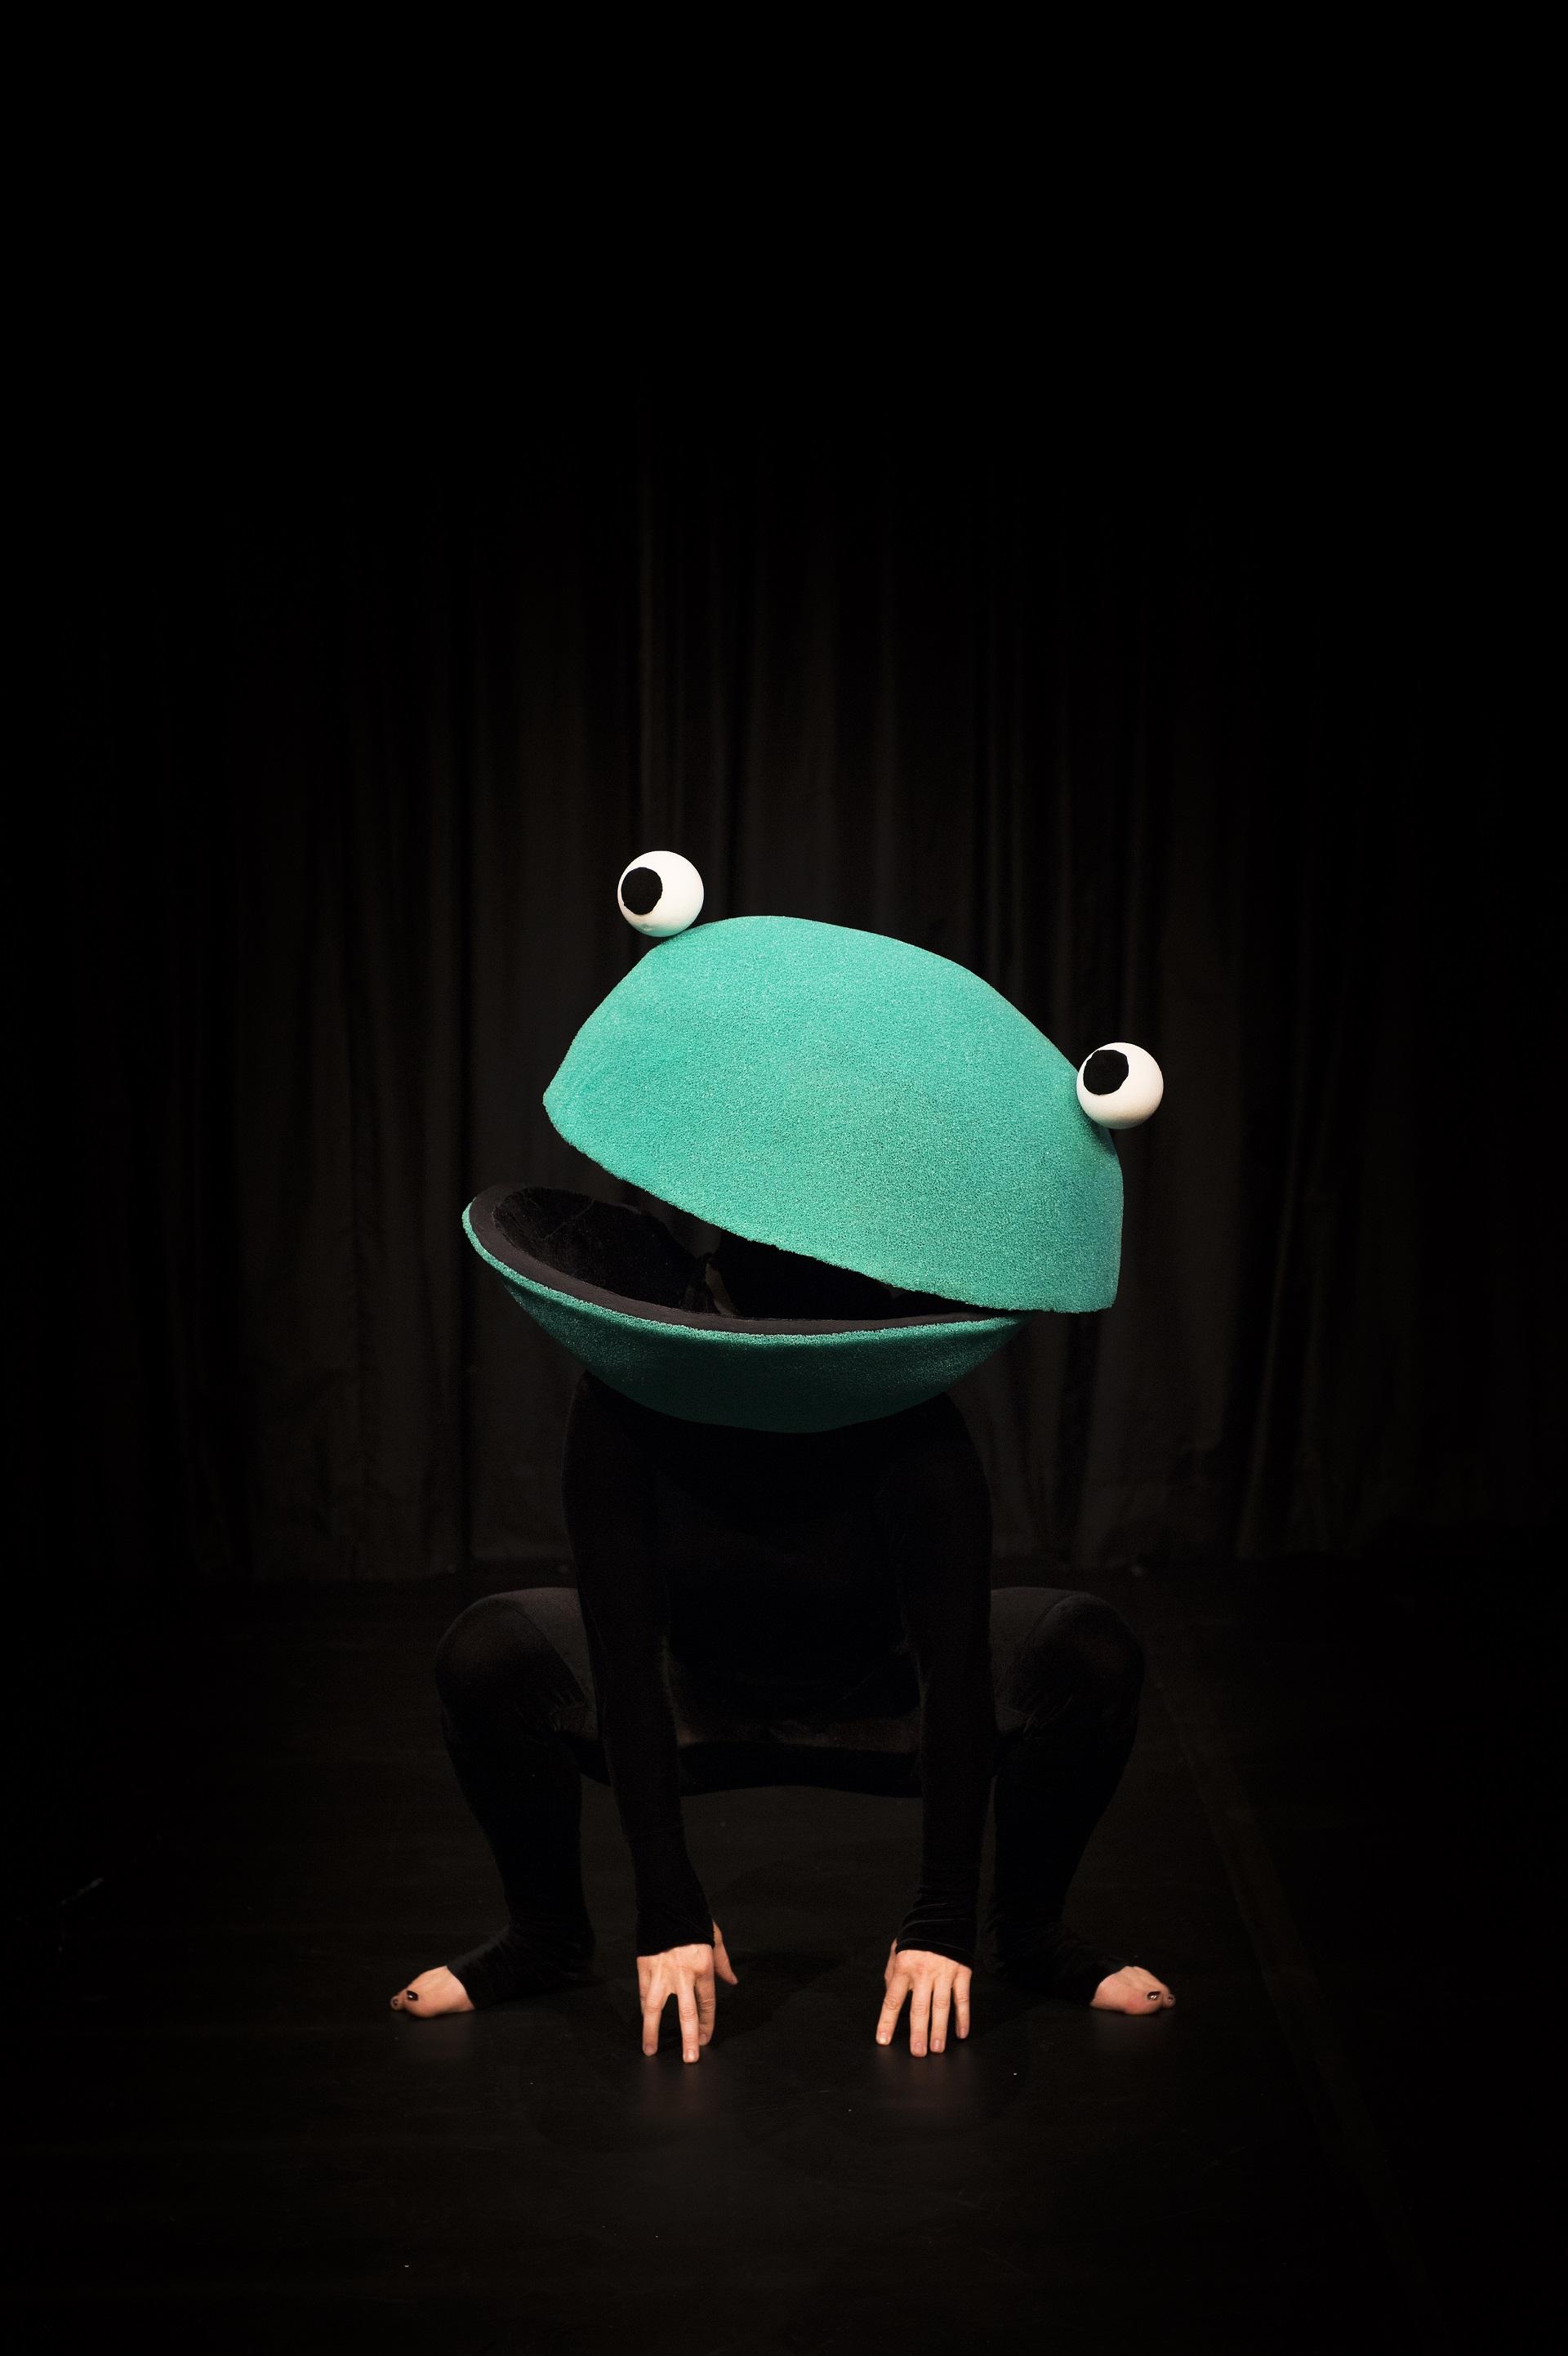 Ein Frosch betritt die Bühne.